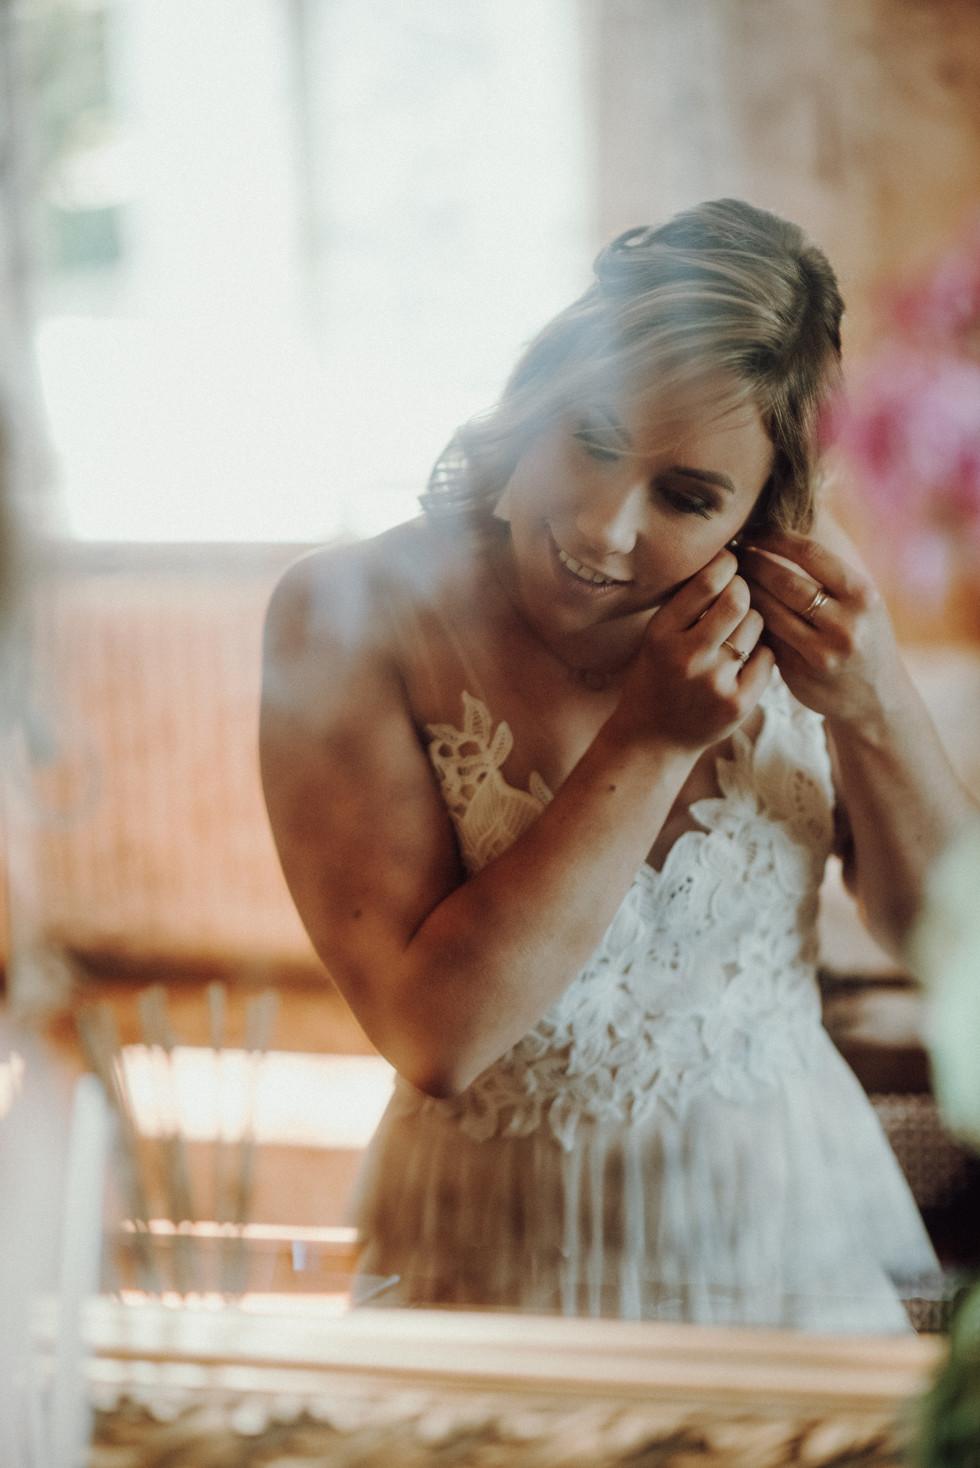 Hochzeitsfotografie, Zürich, Zürchersee, Fischers Fritz, Getting Ready, Shooting, Brautpaar, Fotografie, Hochzeit, Sonnenuntergang, Jan Keller Photography